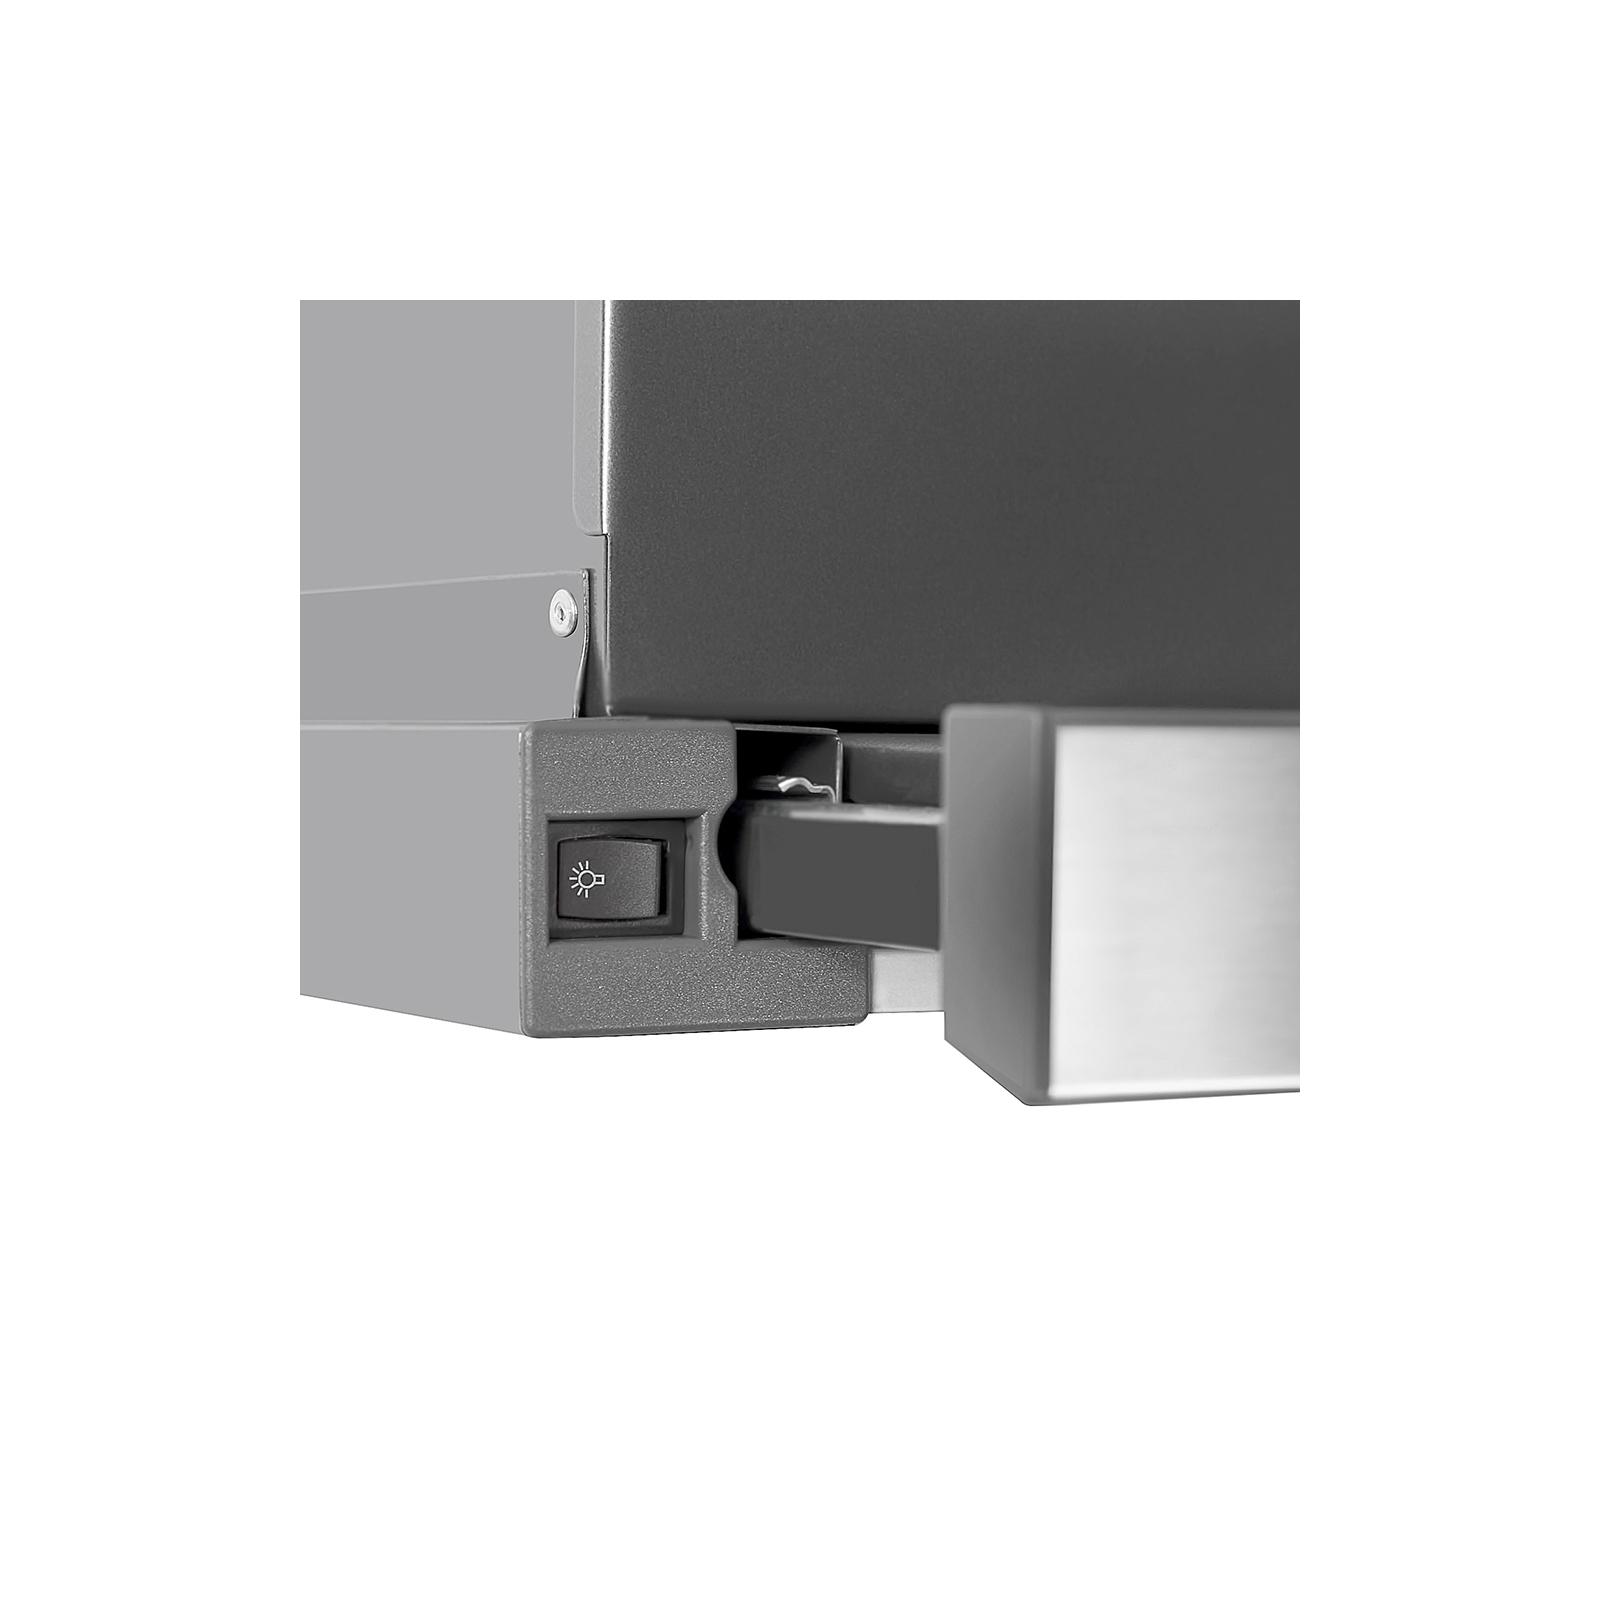 Вытяжка кухонная PERFELLI TL 6611 IV изображение 3